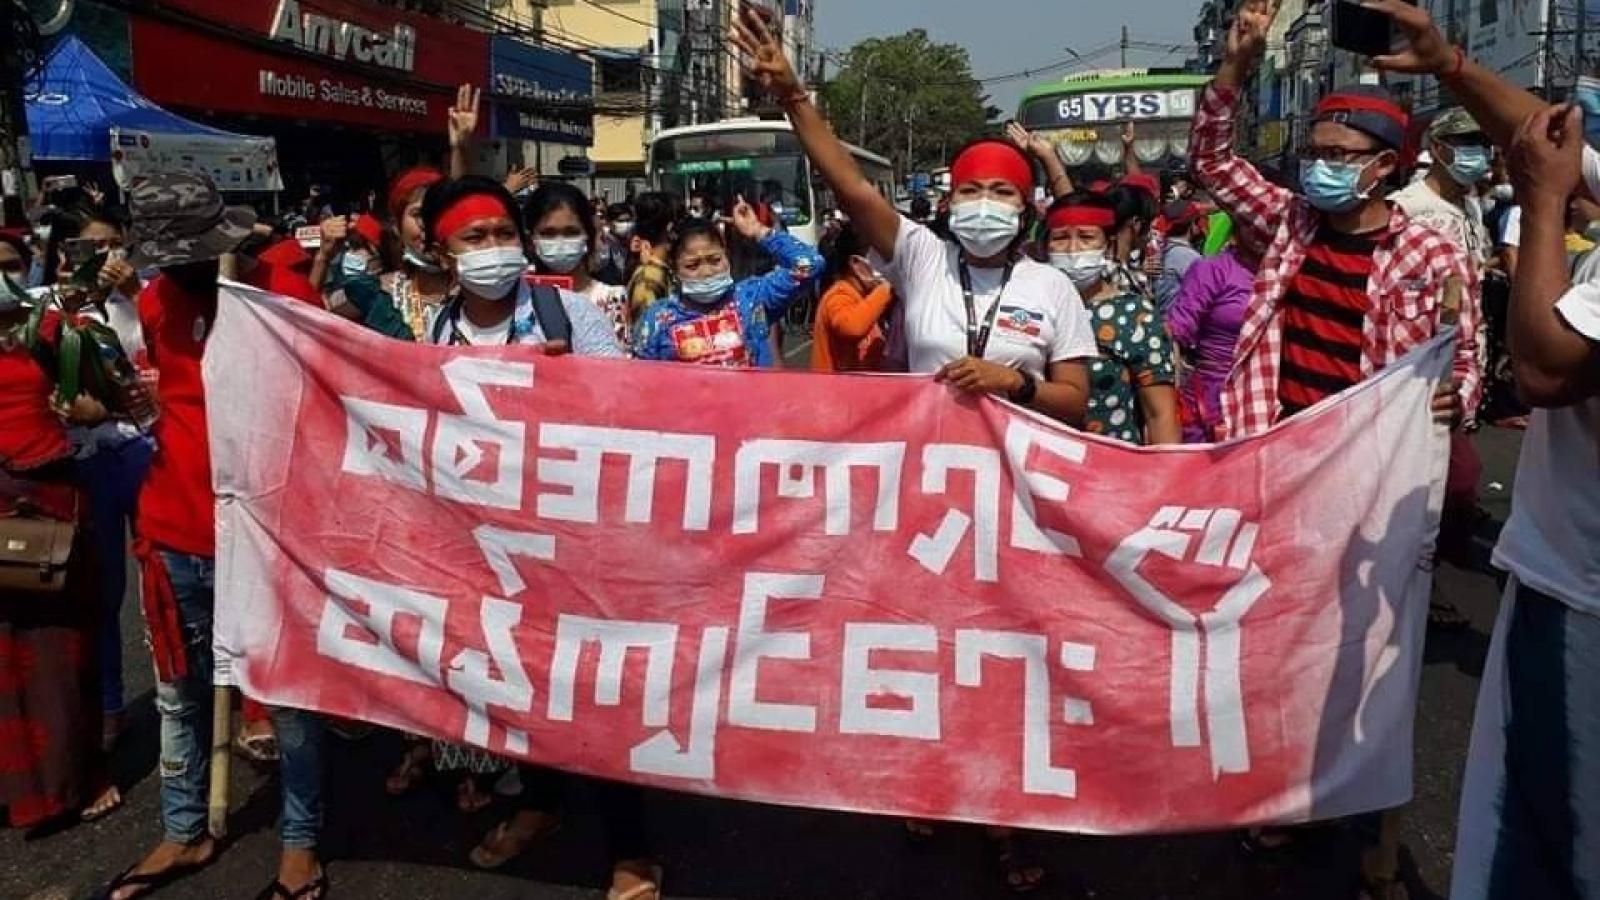 Biểu tình dữ dội phản đối chính quyền quân sự ở thành phố lớn nhất Myanmar